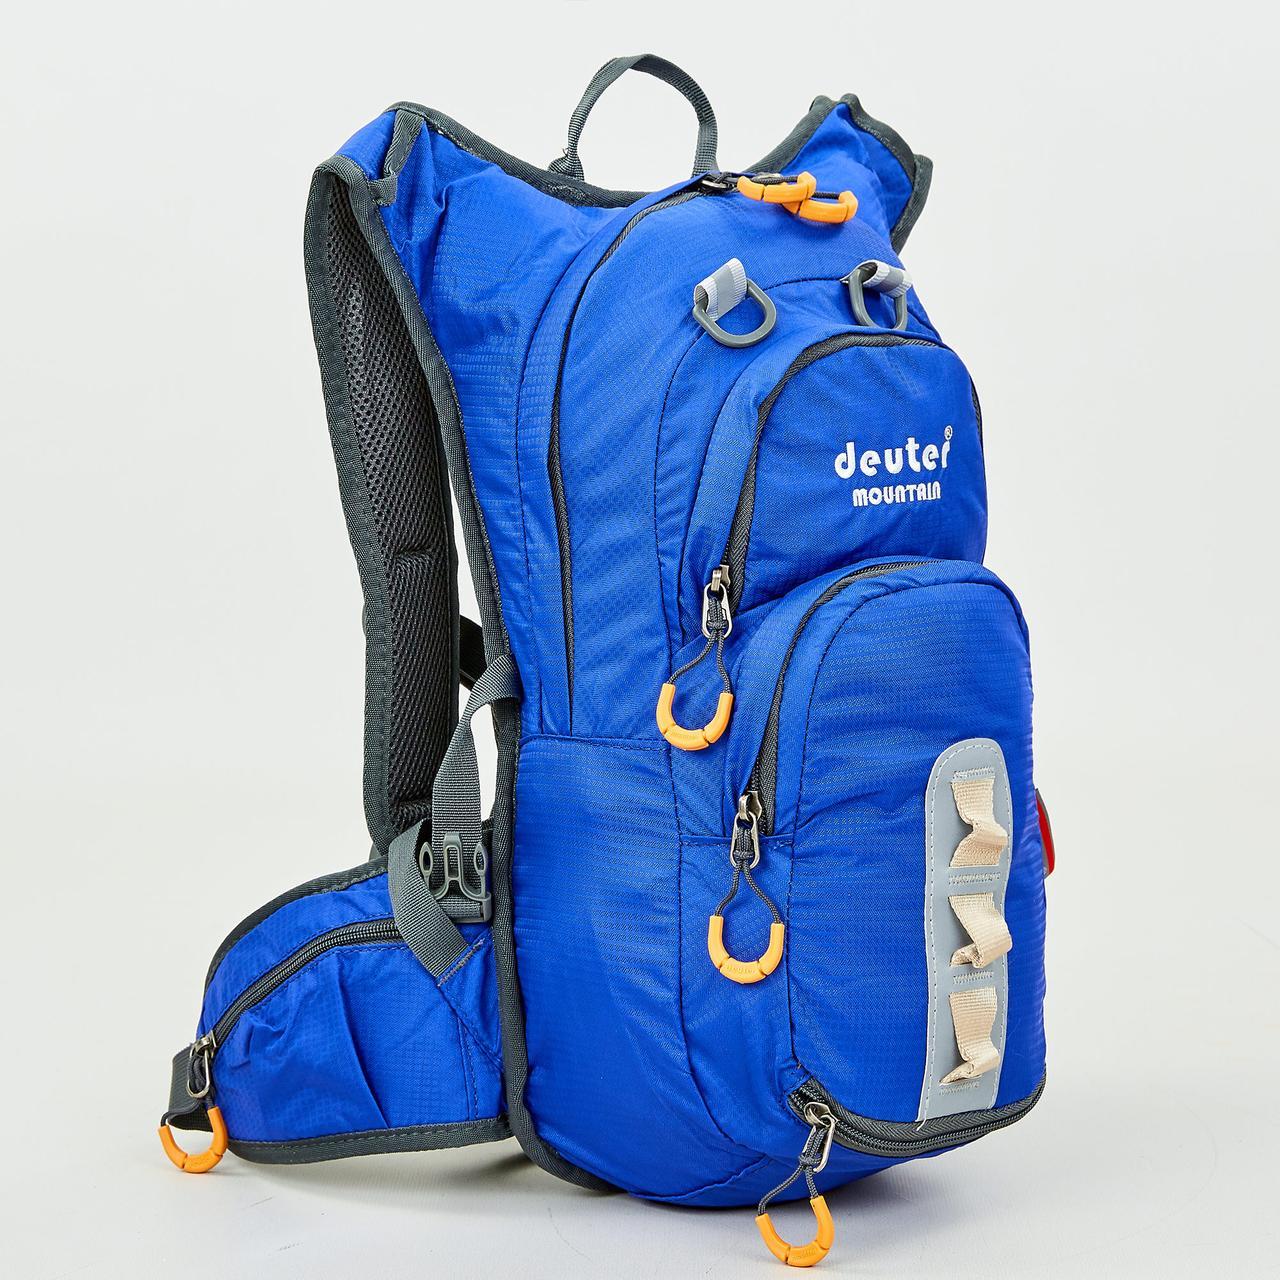 Рюкзак спортивний з жорсткою спинкою DTR V-15л GA-802 (нейлон, р-р 43х20х15см, кольори в асортименті)